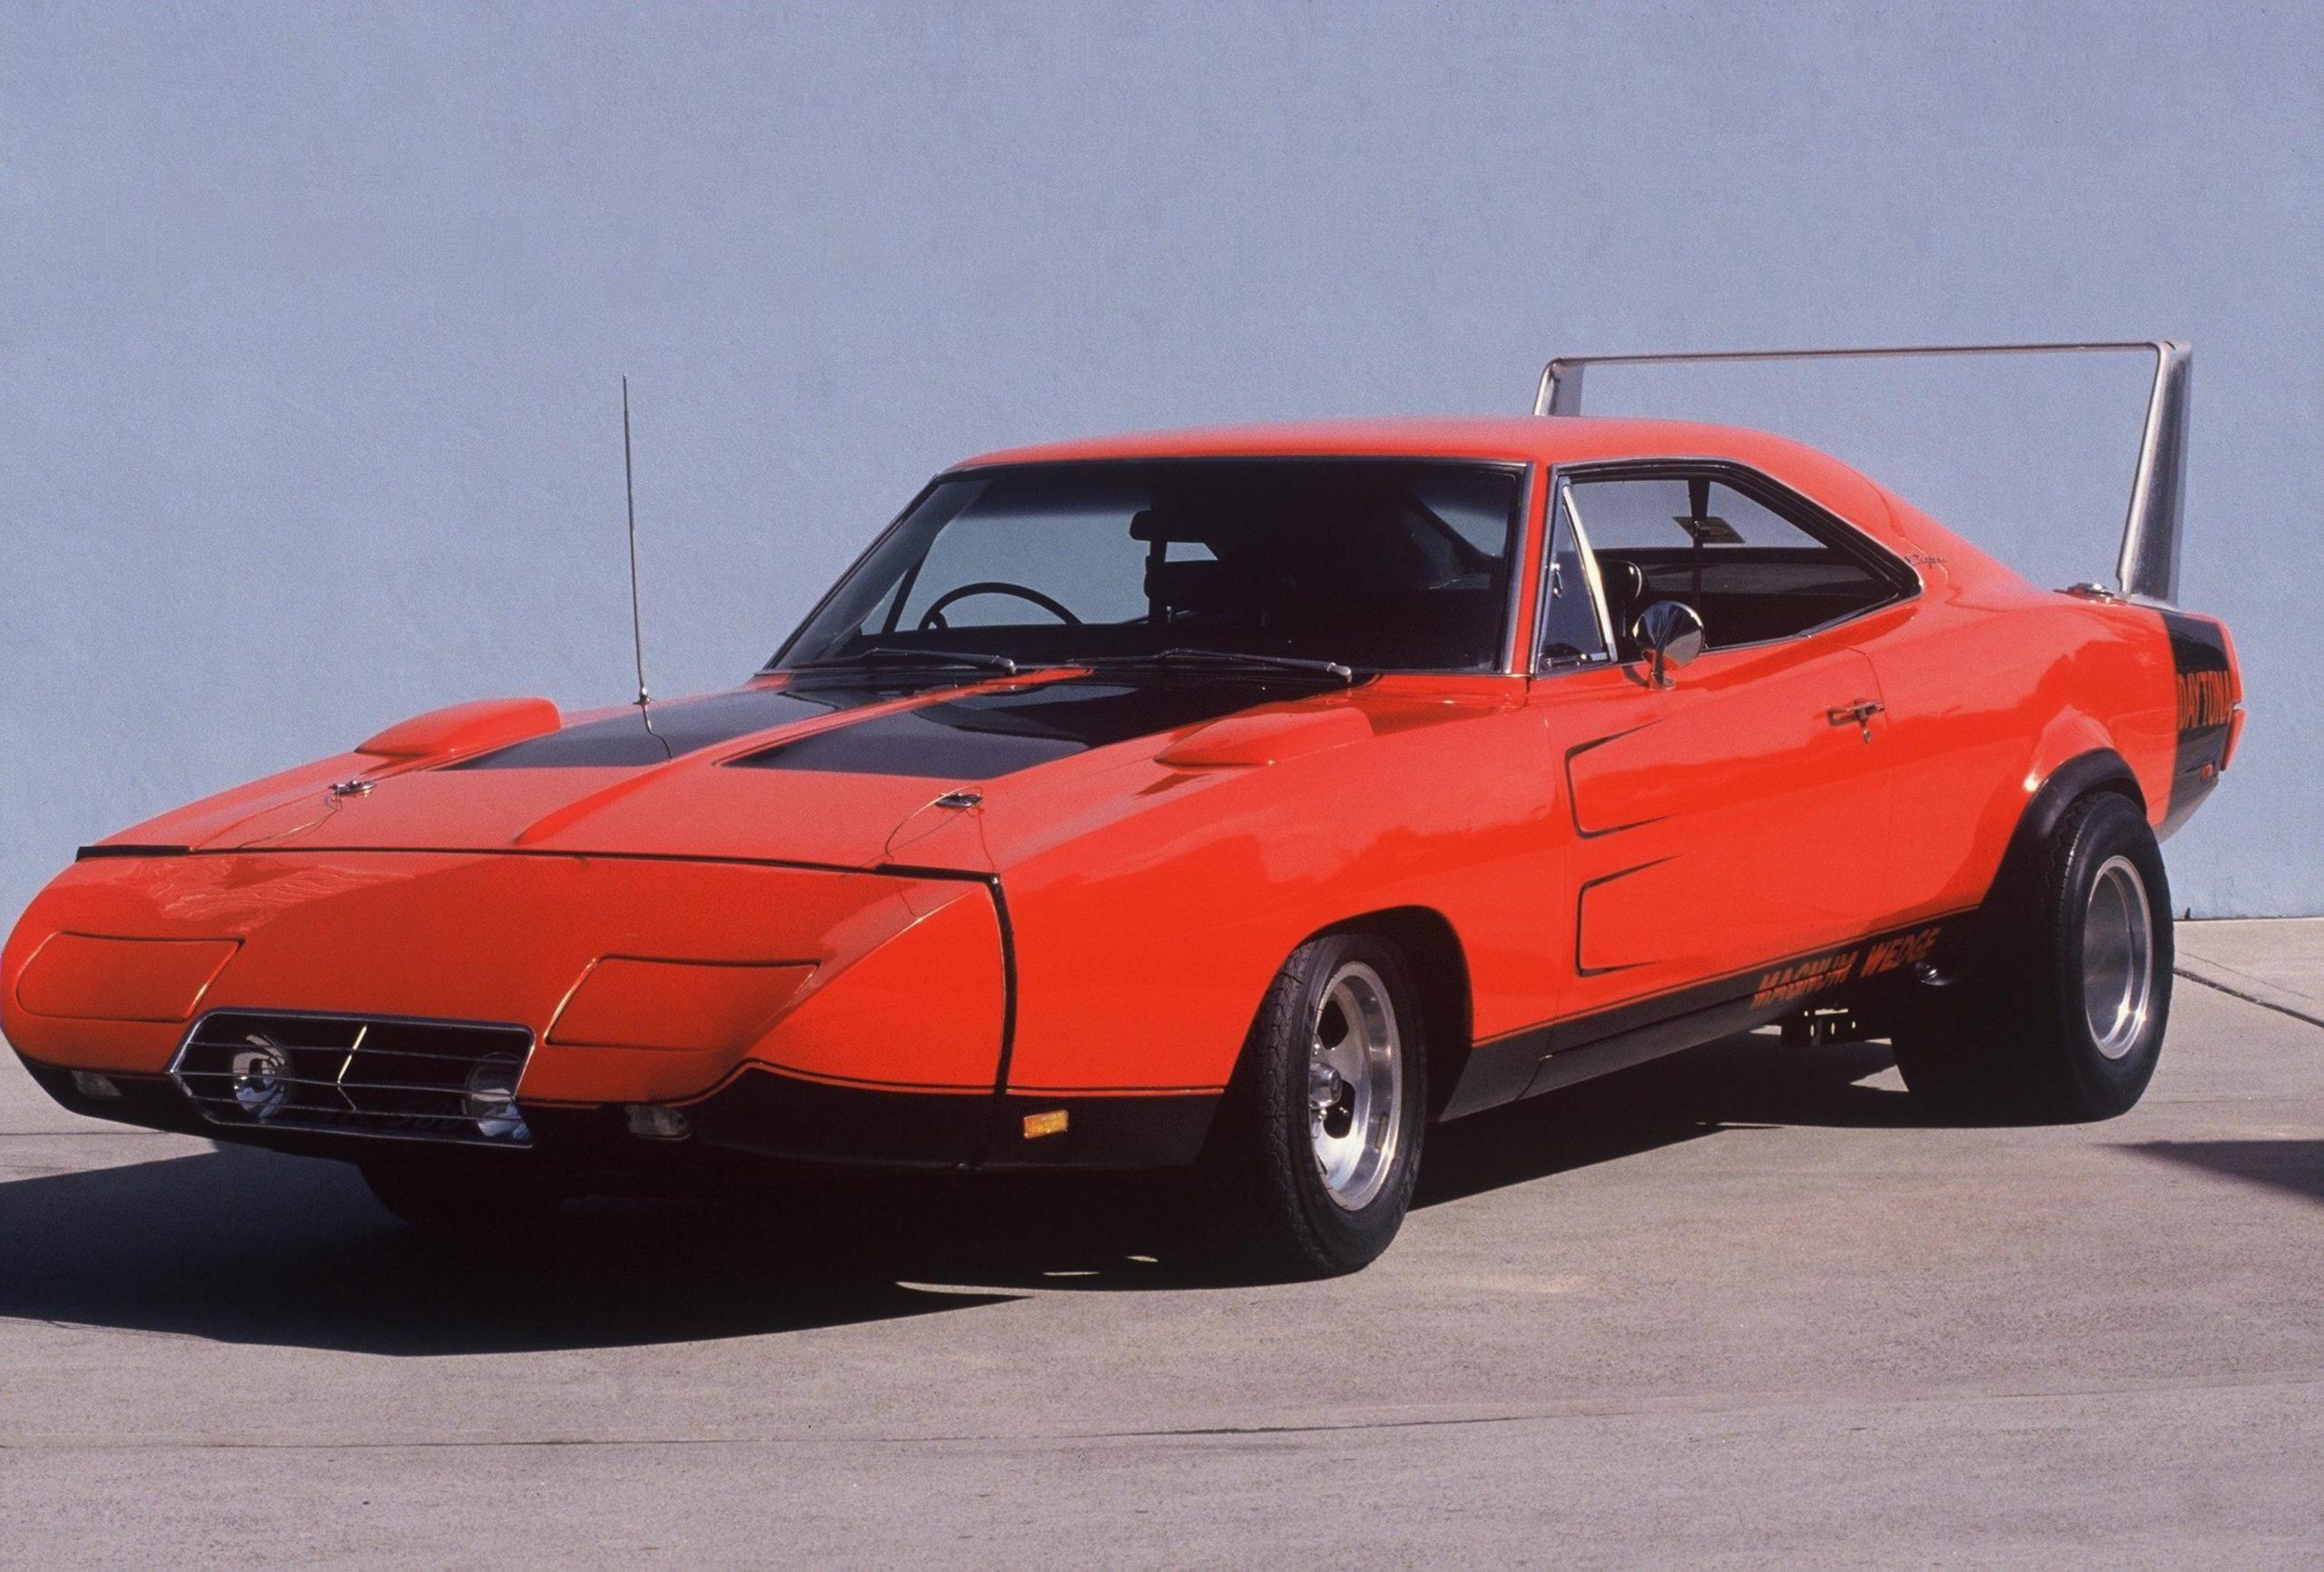 Dodge Charger Daytona street freak, photo 01.